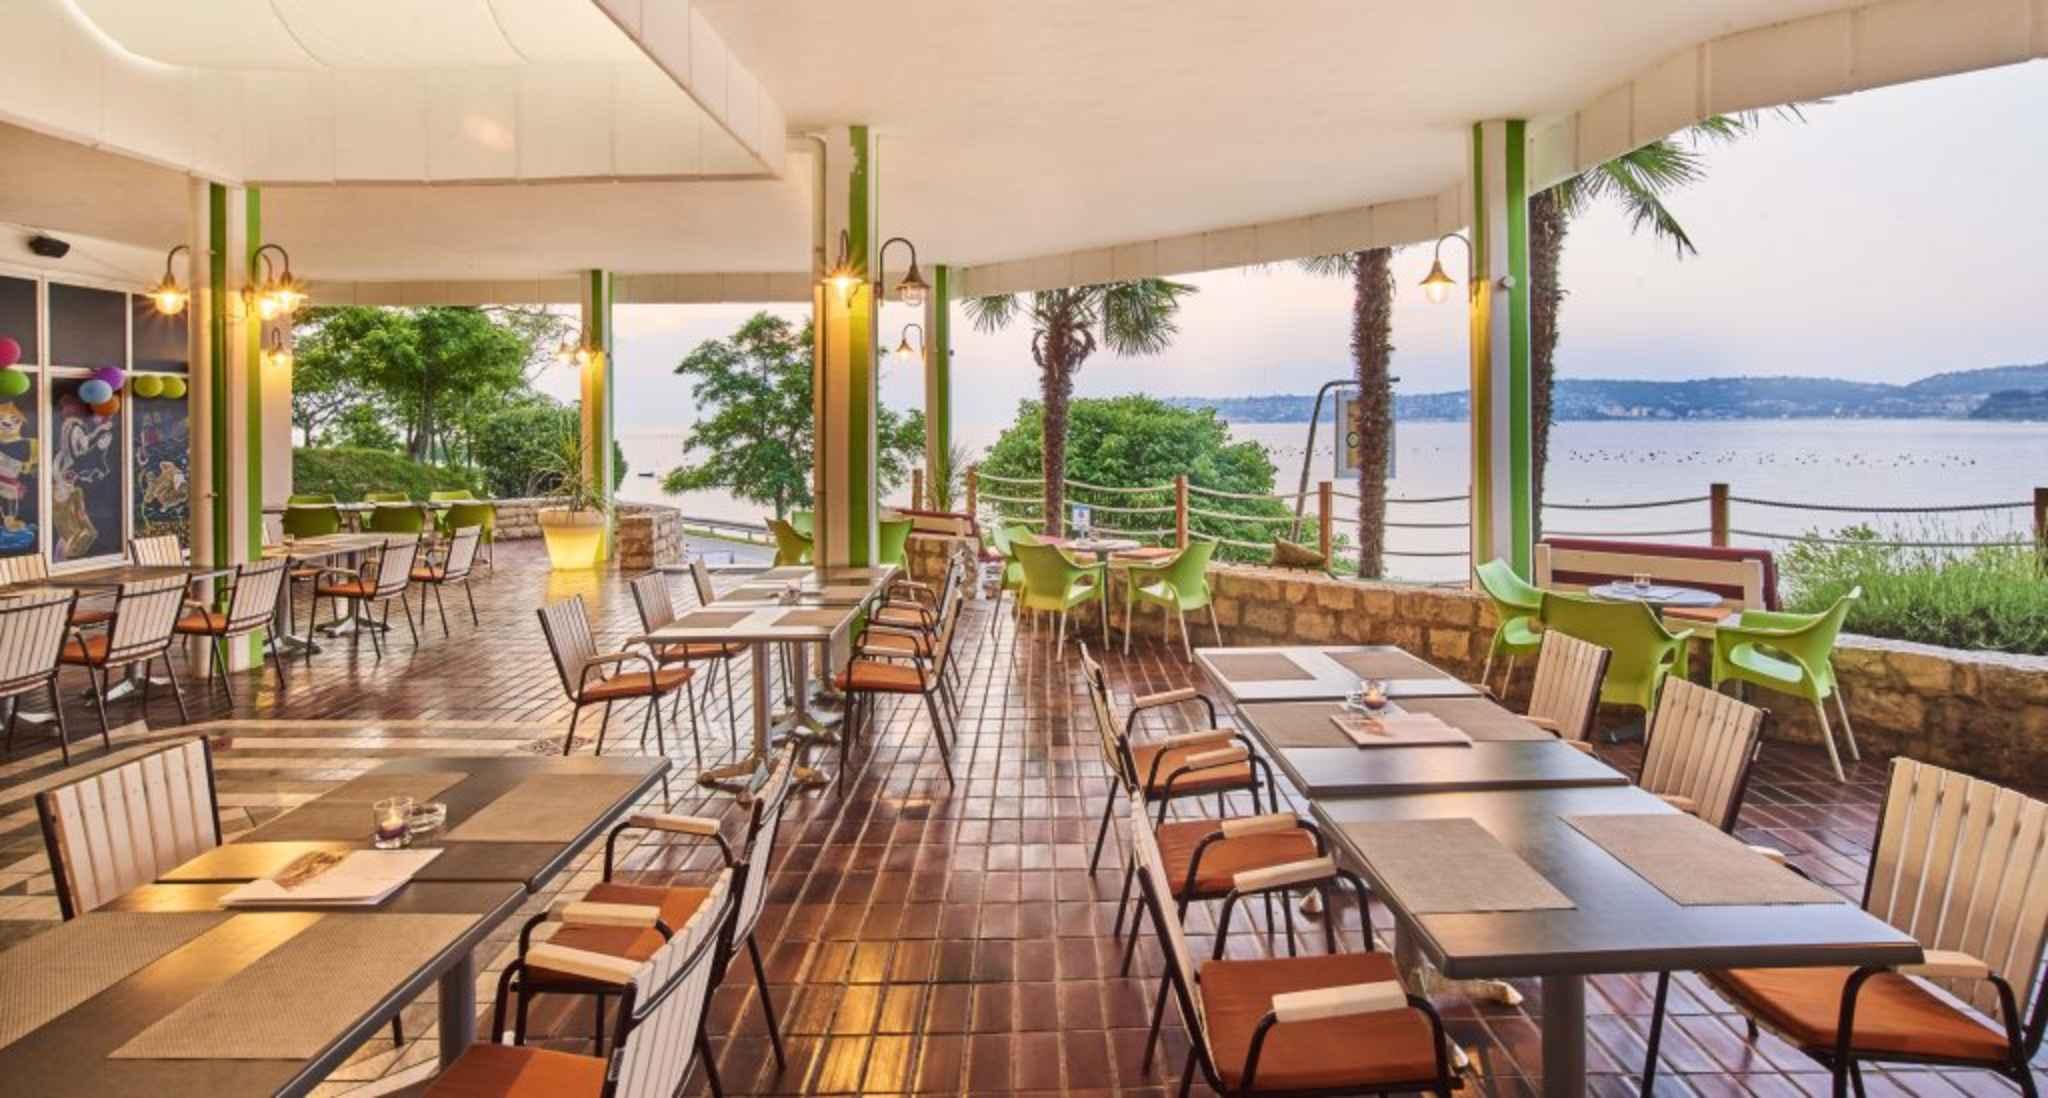 Ferienhaus Bungalow in der Ferienanlage Kanegra (281168), Umag, , Istrien, Kroatien, Bild 13